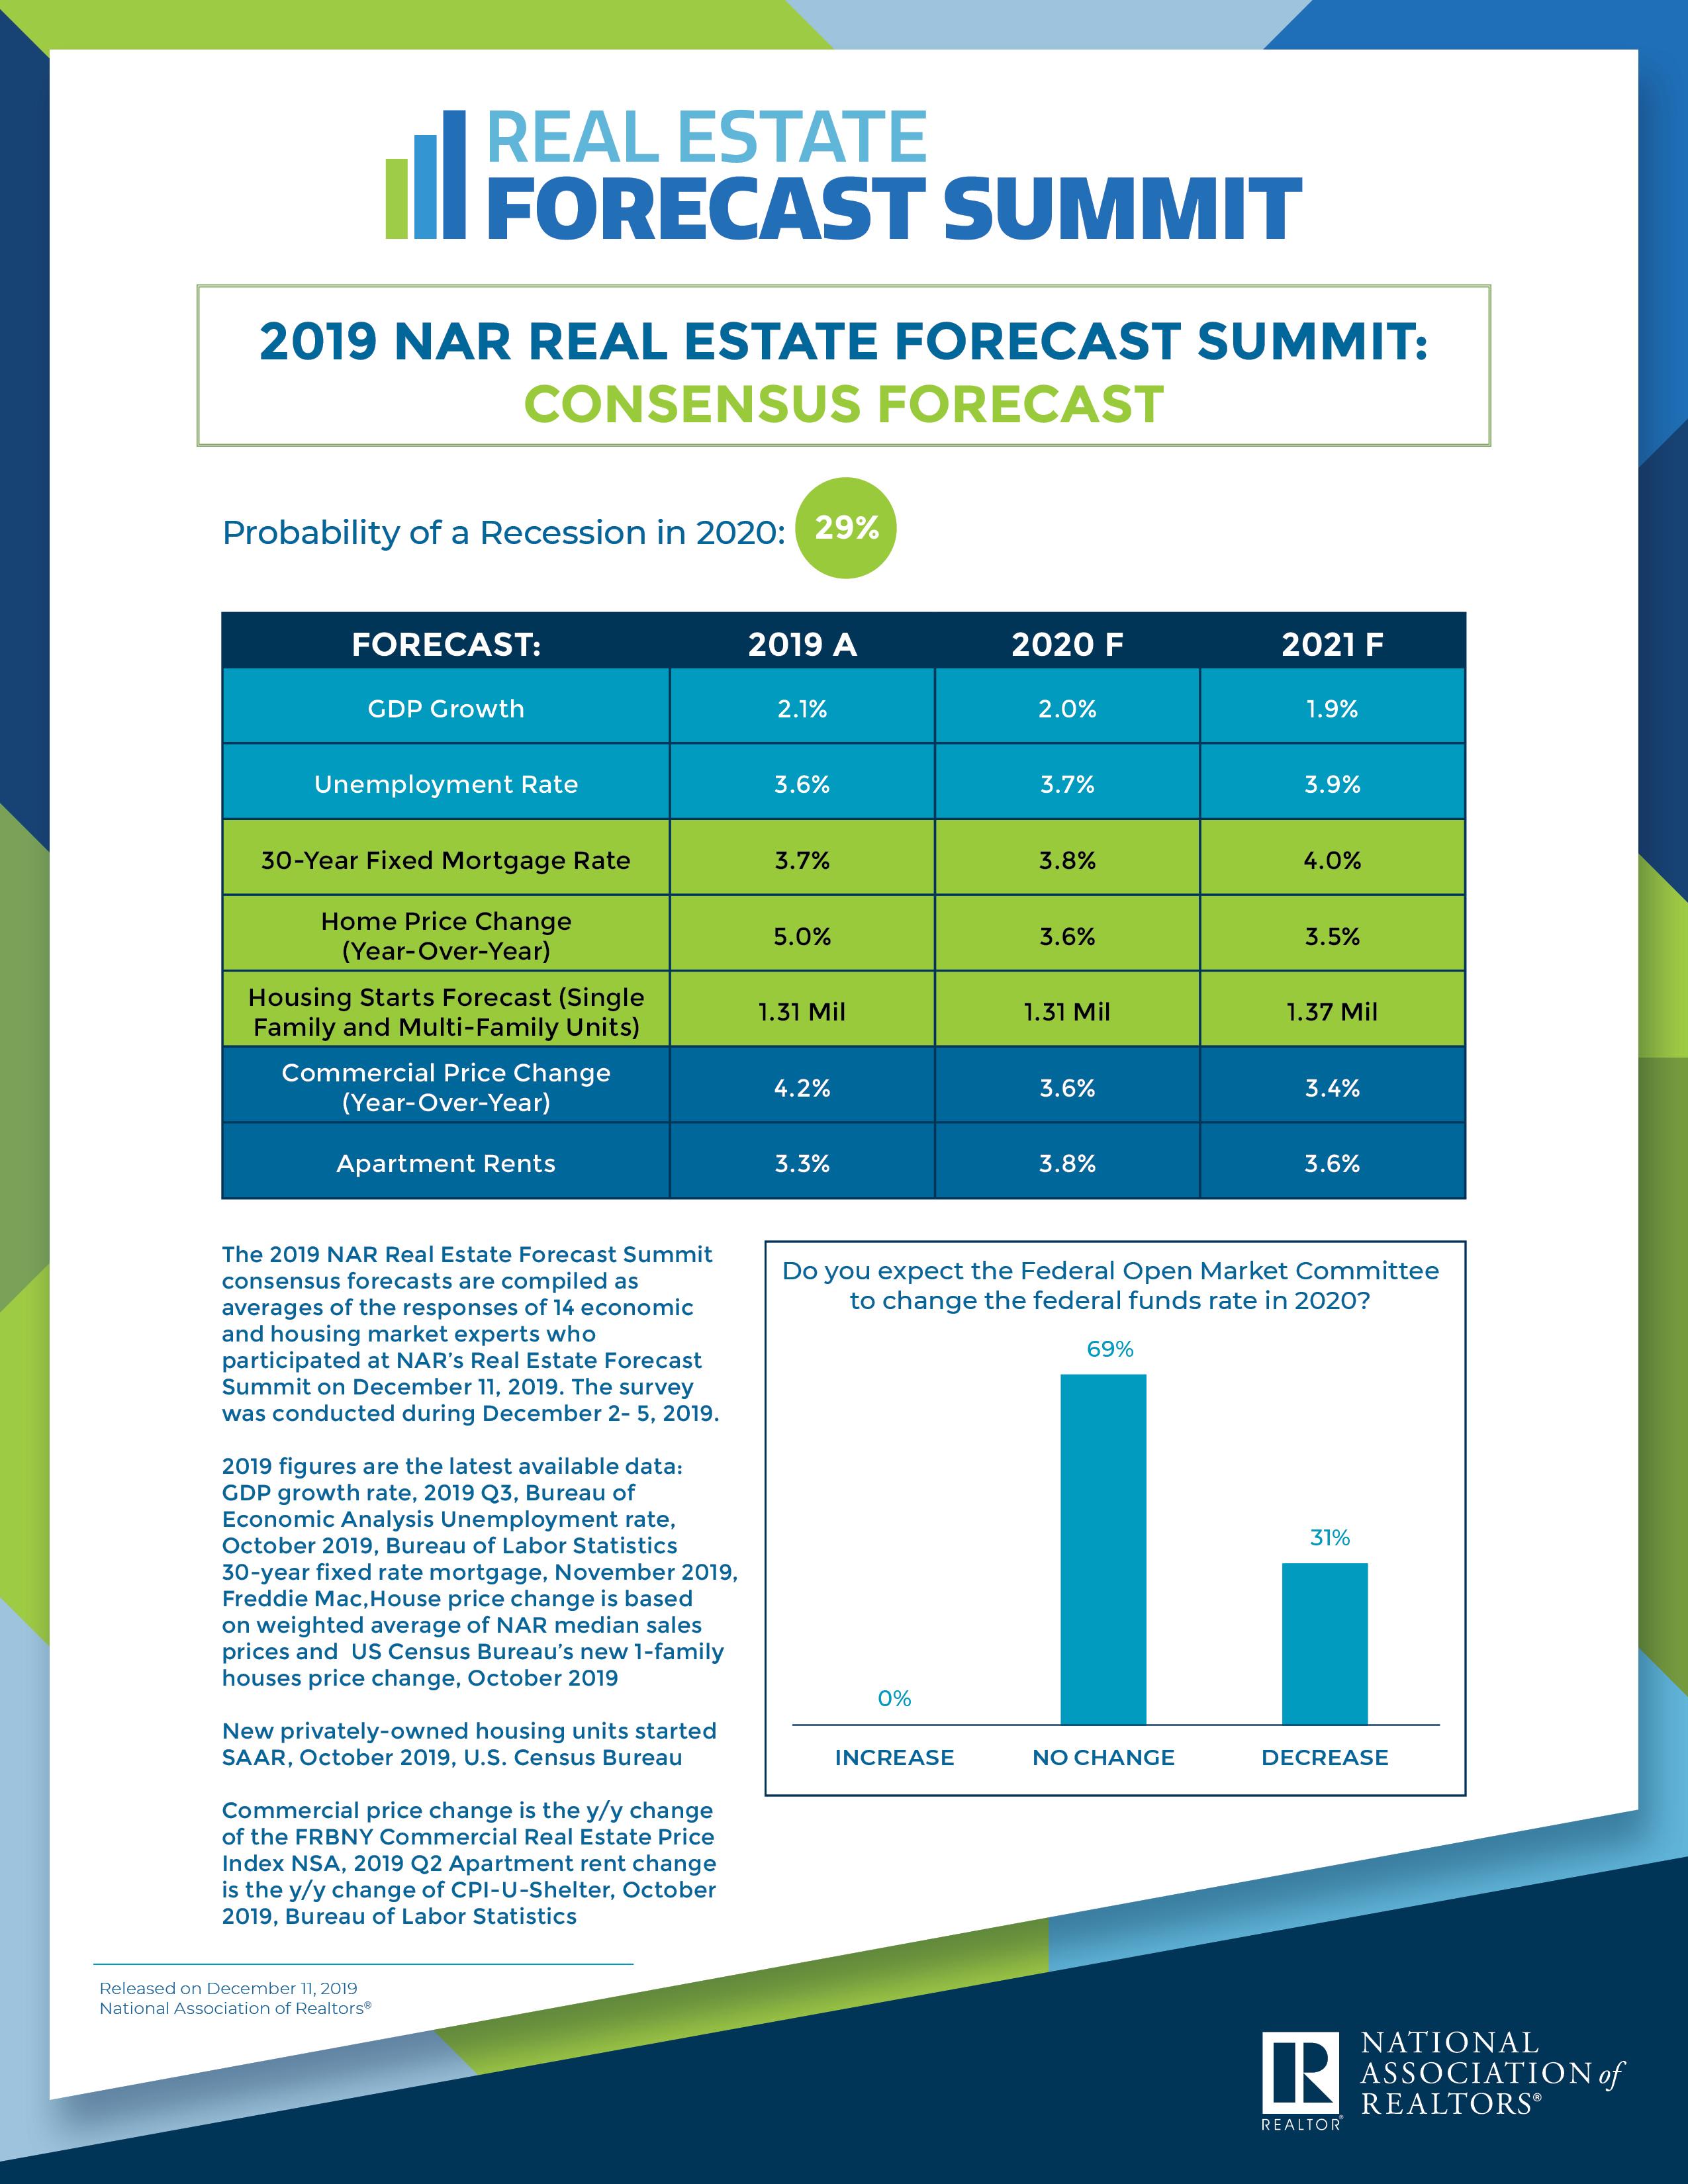 2019 Real Estate Consensus Forecast